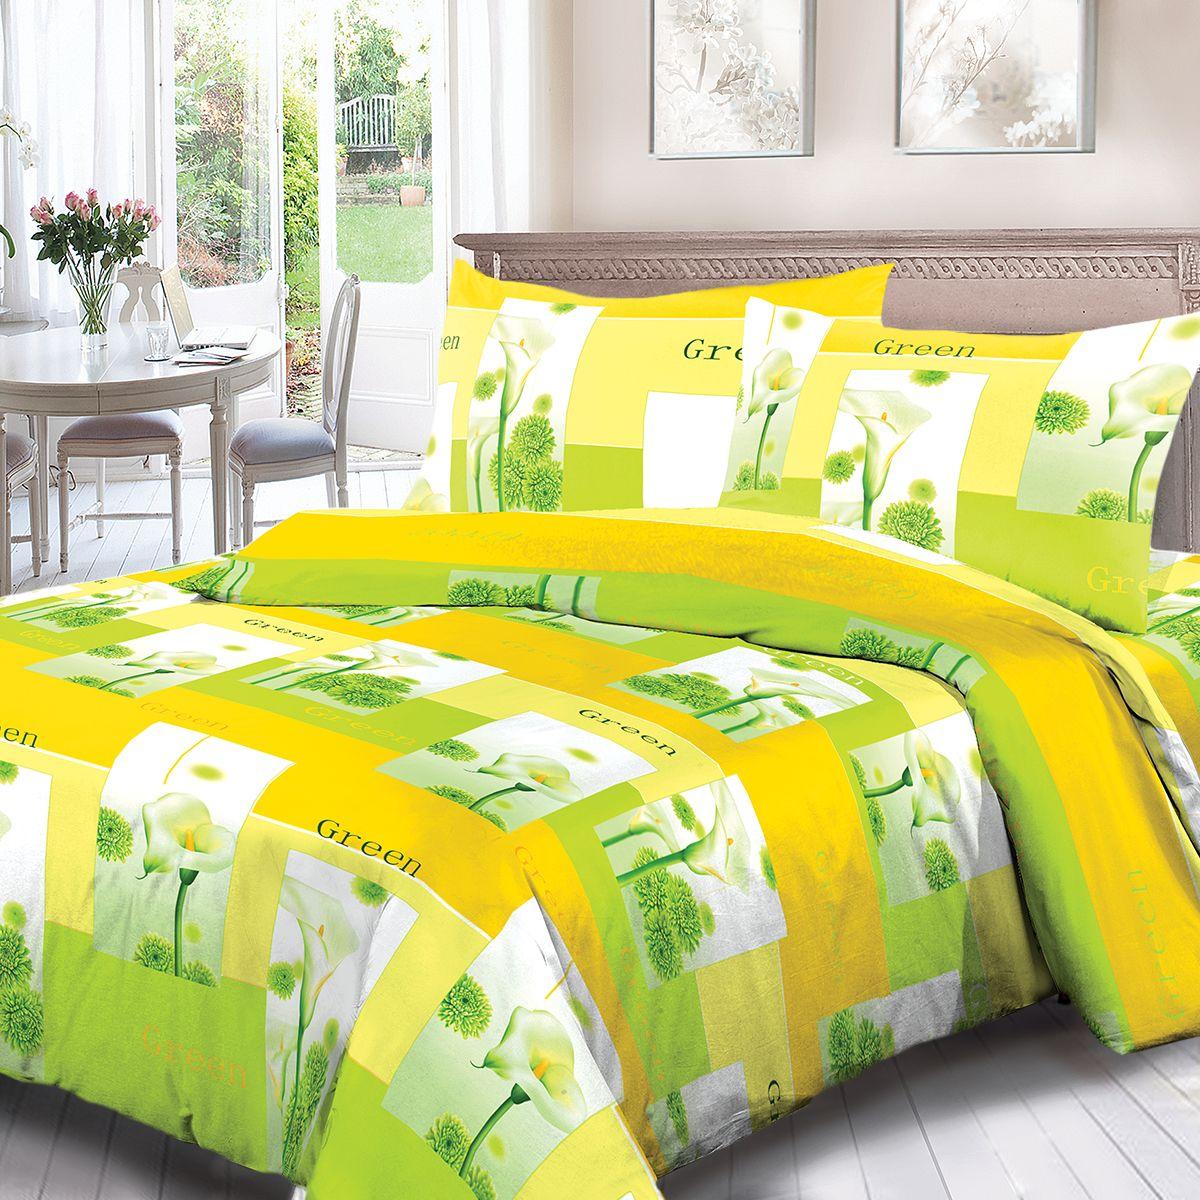 Комплект белья Для Снов Green, евро, наволочки 70x70, цвет: желтый. 1537-384347